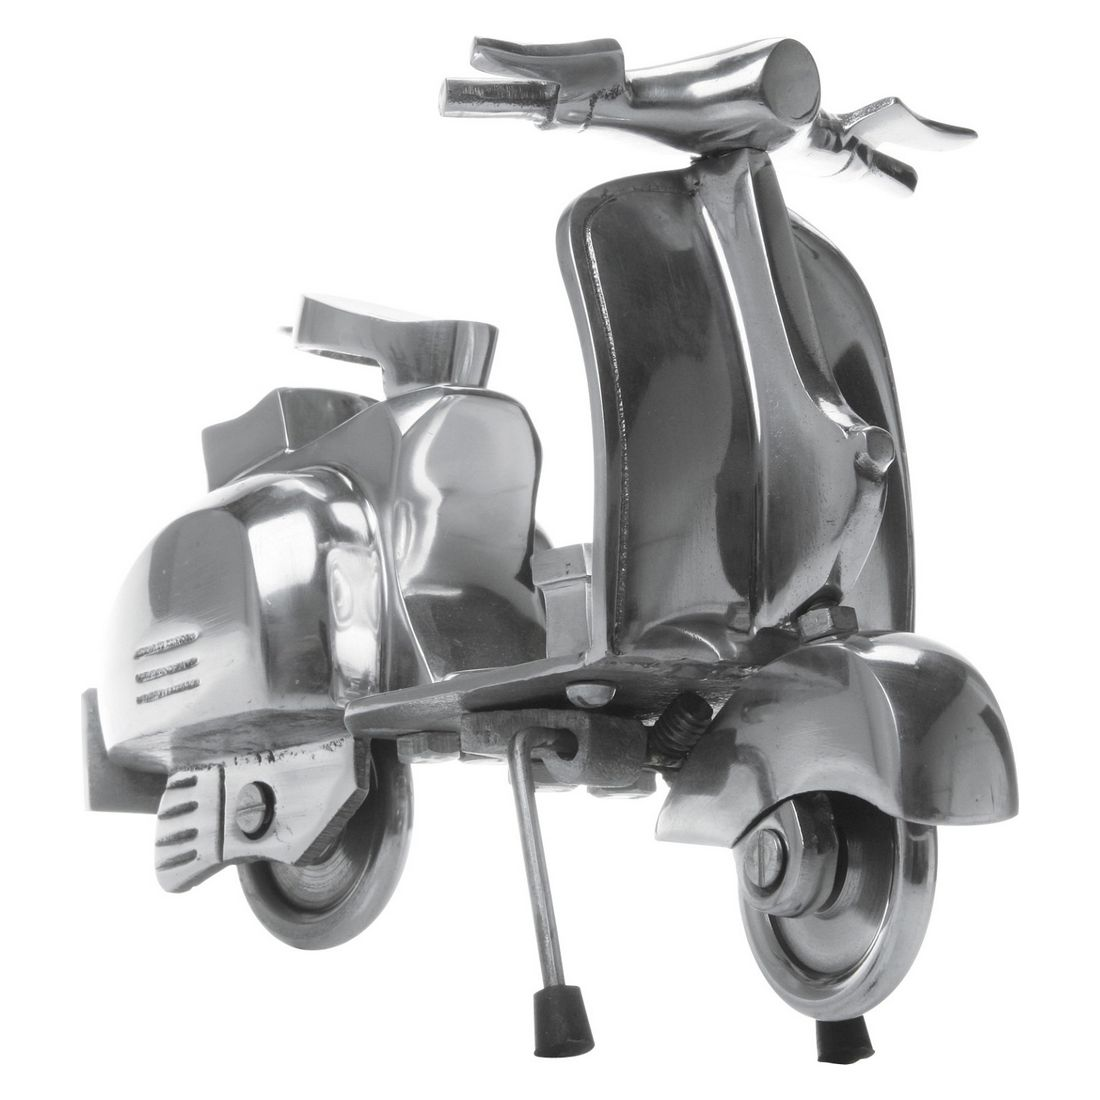 Deko Objekt Roller Alu Small – Aluminium Grau, Kare Design jetzt bestellen